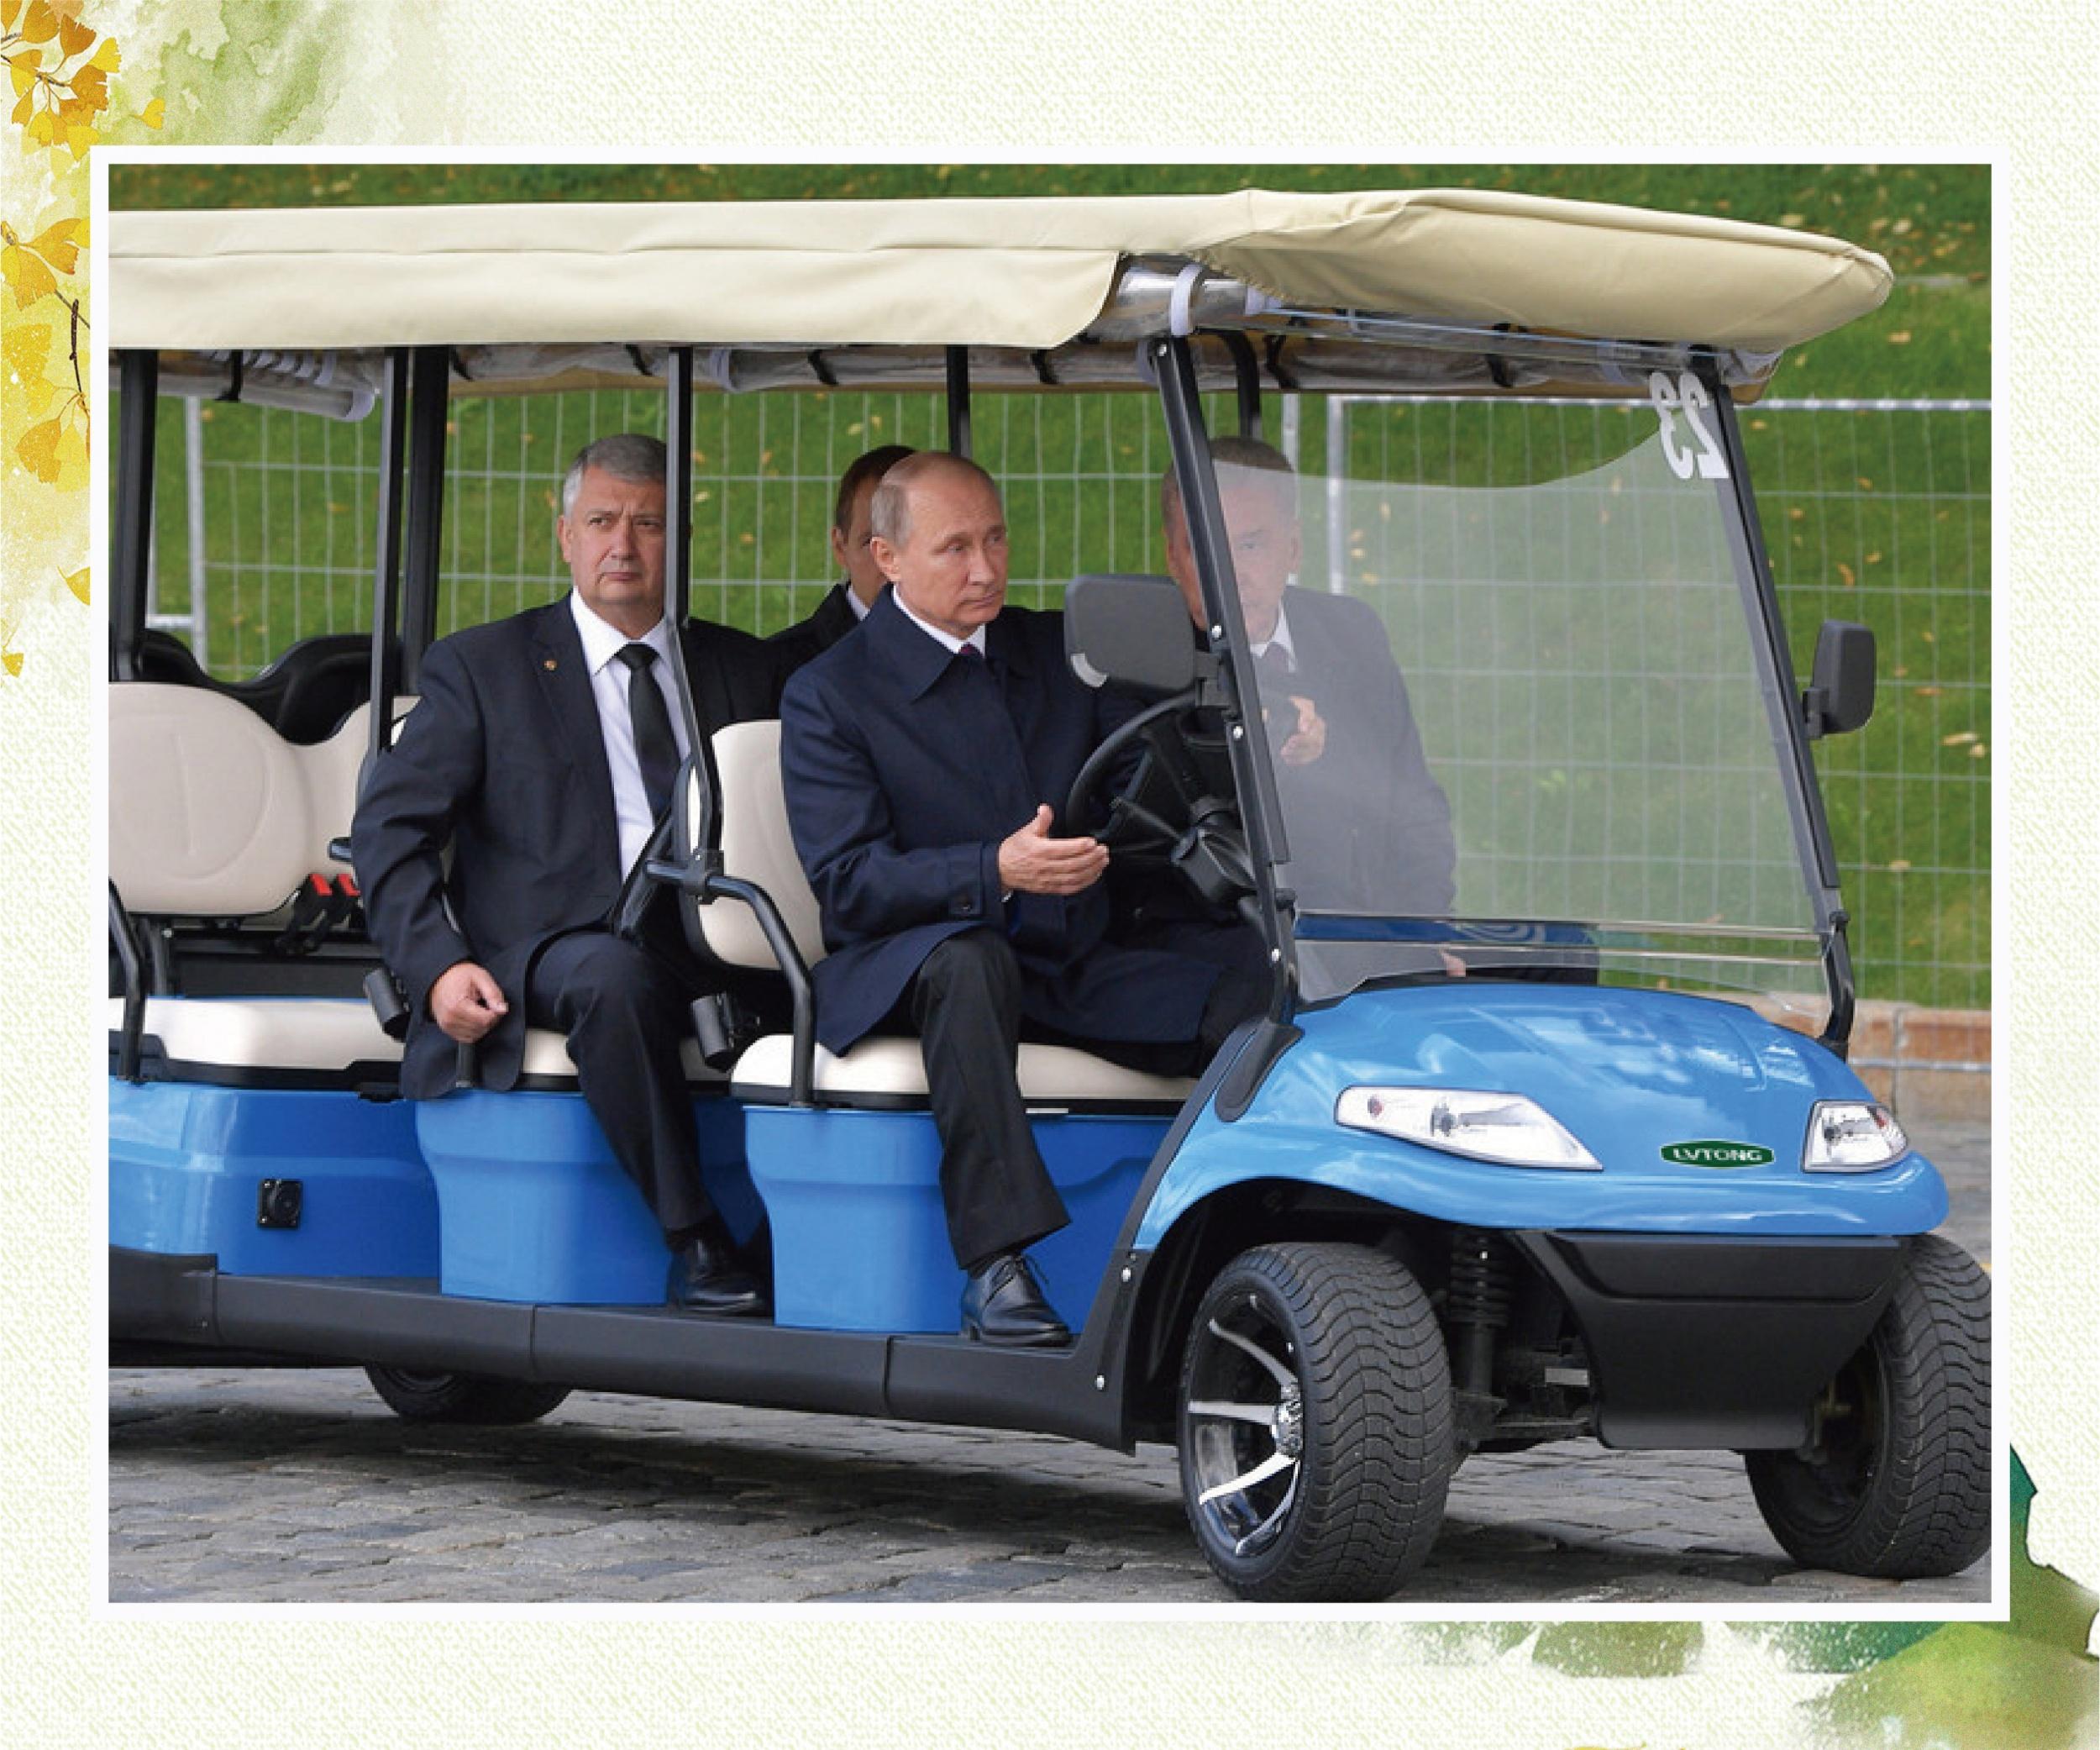 2017年9月9日,莫斯科建城870周年纪念日,俄总统普京亲驾羿昂电动车参观新开公园